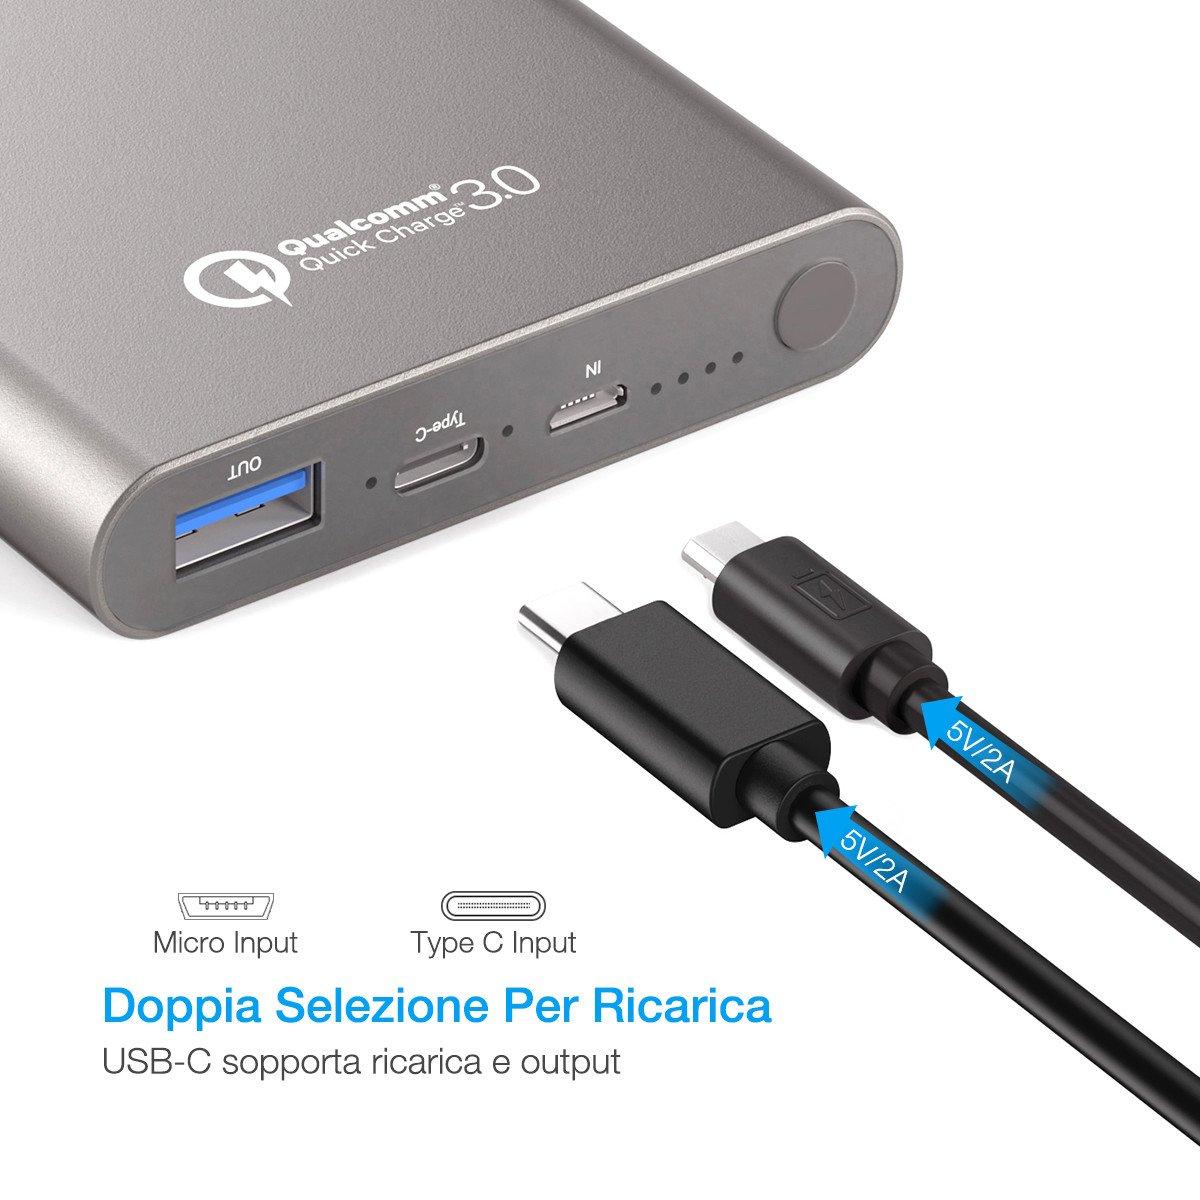 Poweradd Pilot 2GS 10,000mAh (USB-C Uscita 3A& Quick Charge 3.0 ) Batteria portatile per iPhone X, iPhone8/Plus, Nintendo Switch e tanti altri Phone e Tablet --- Grigio (cavo Micro USB e USB-C sono inclusi)